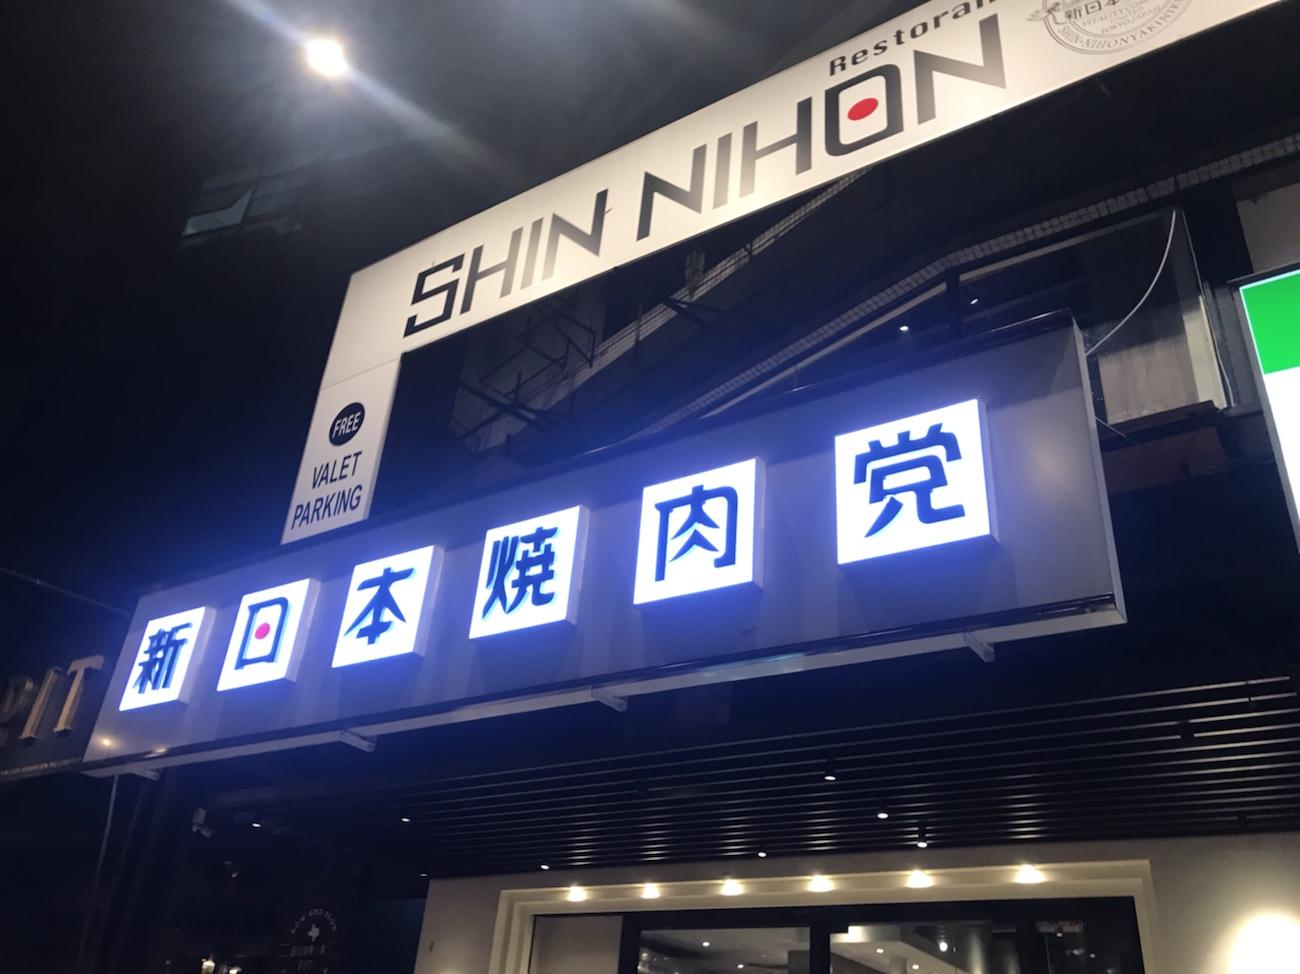 店の入り口新日本焼肉党 クアラルンプール:クアラルンプールグルメ日本食